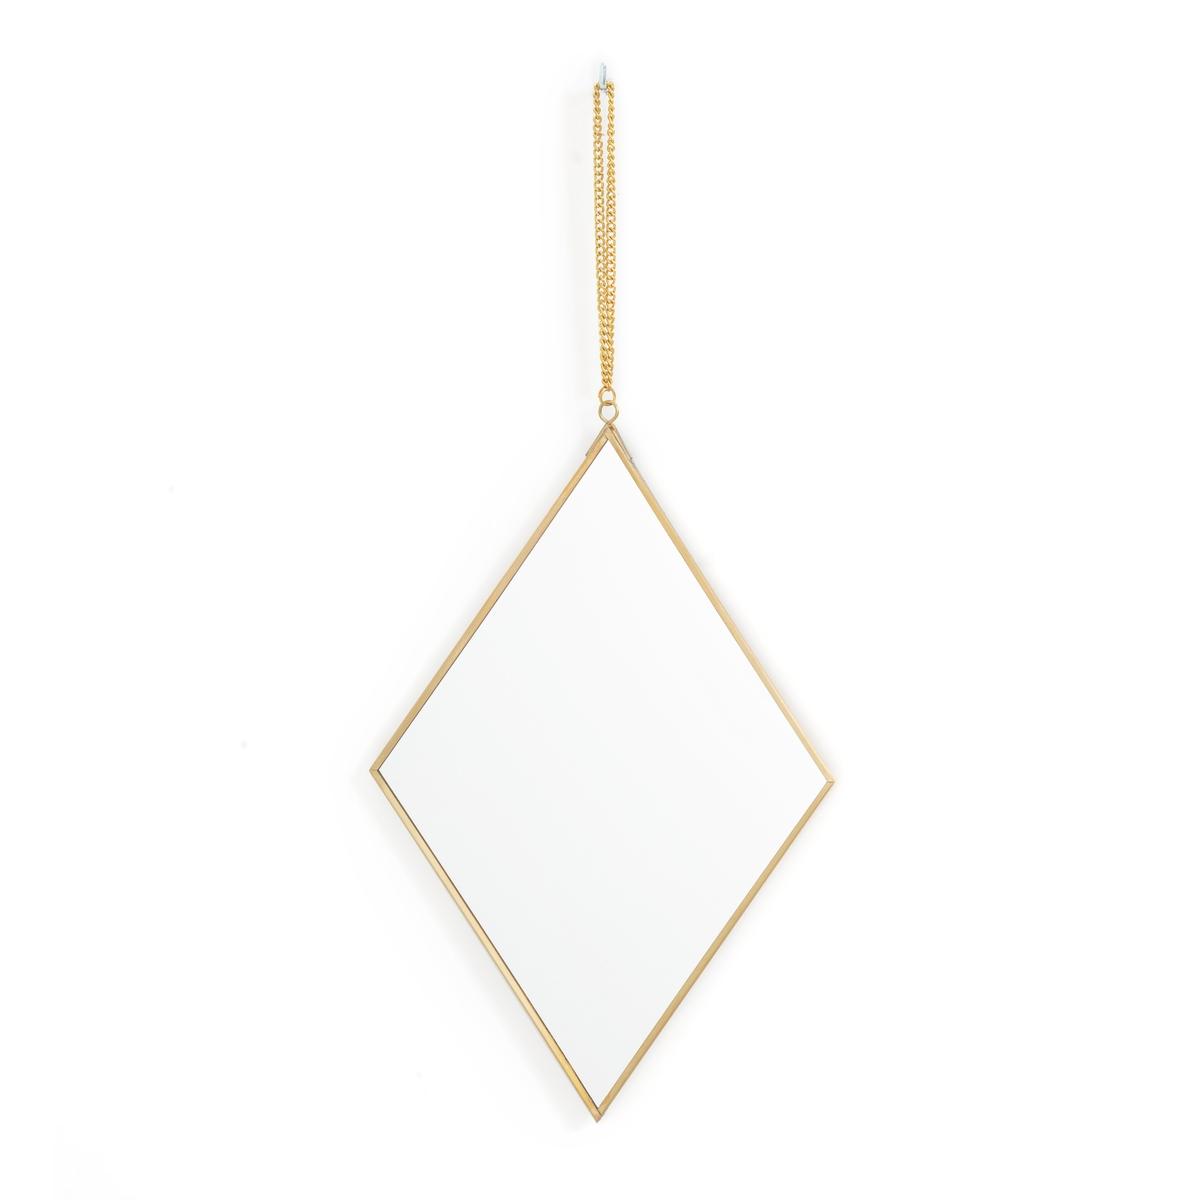 Зеркало La Redoute С двойным треугольником Uyova единый размер другие зеркало la redoute прямоугольное большой размер д x в см barbier единый размер другие